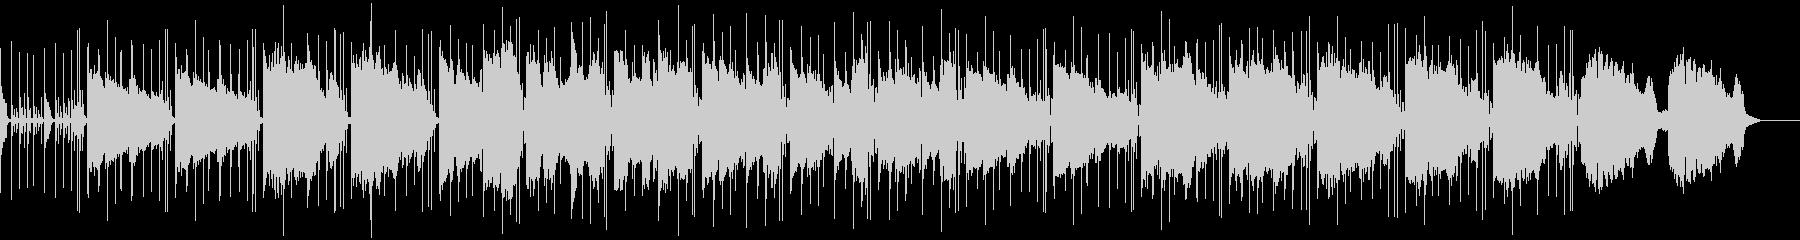 ブルーなジャズのBGMの未再生の波形